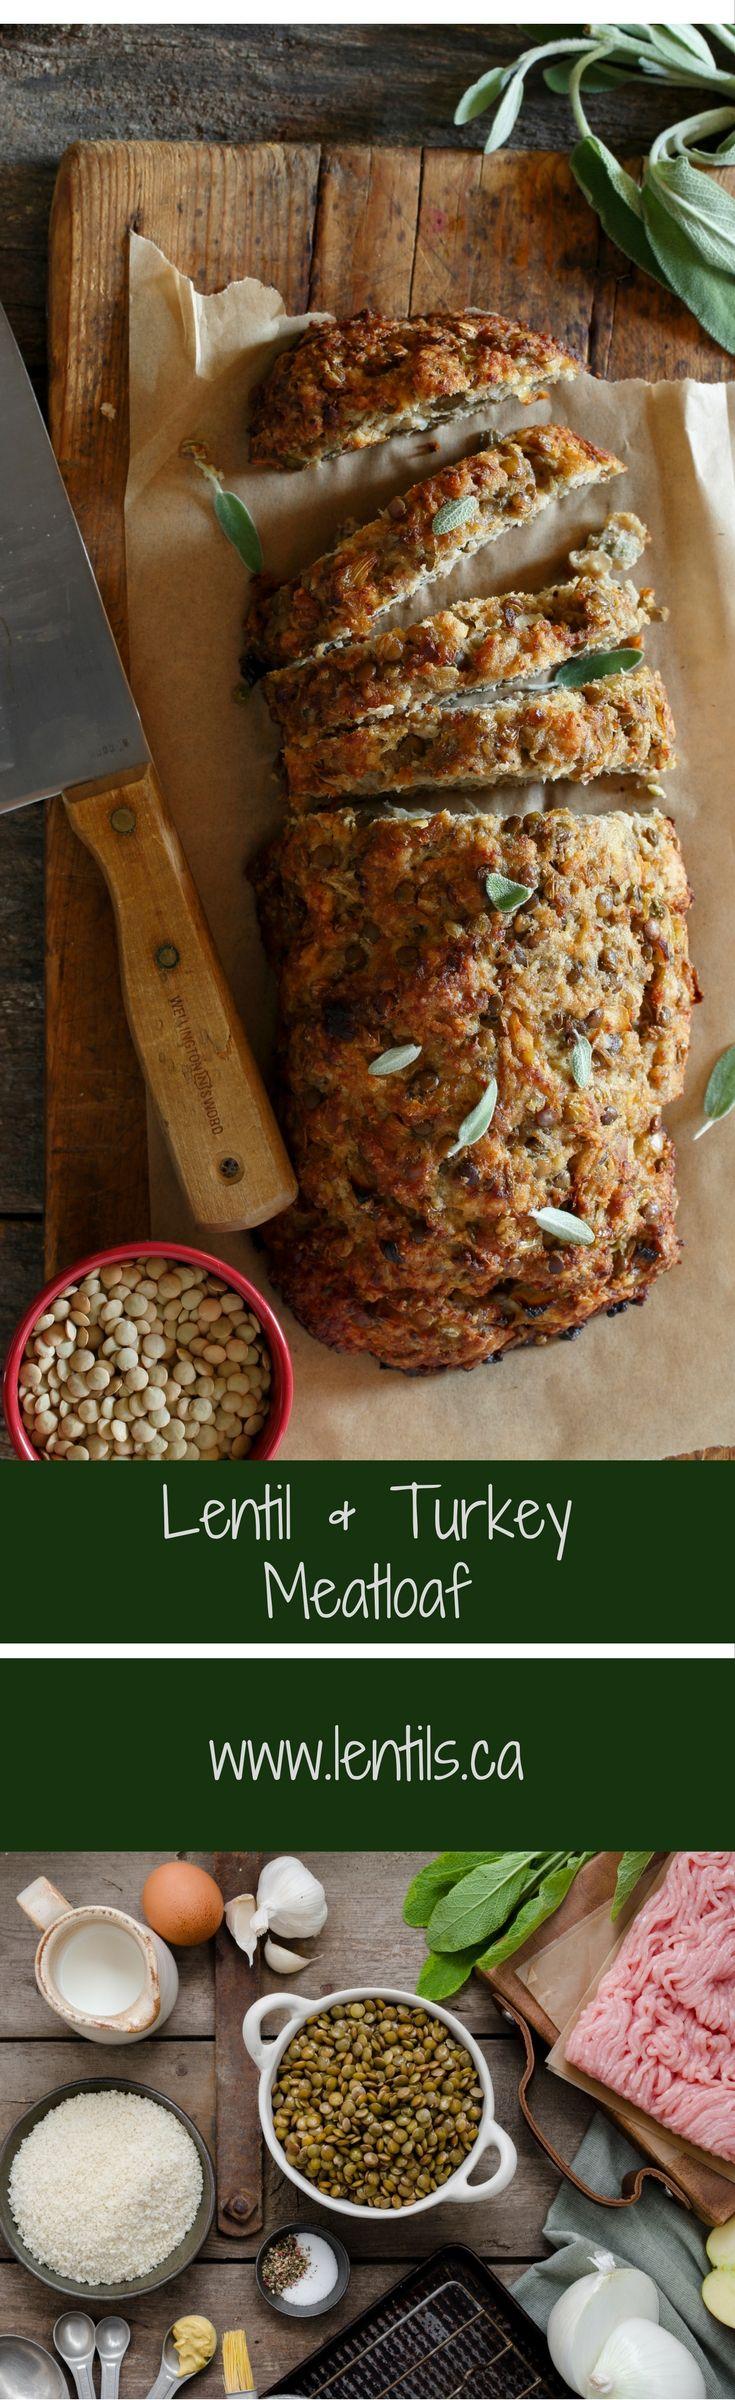 Lentil & Turkey Meatloaf with Apple & Sage | lentils.ca…